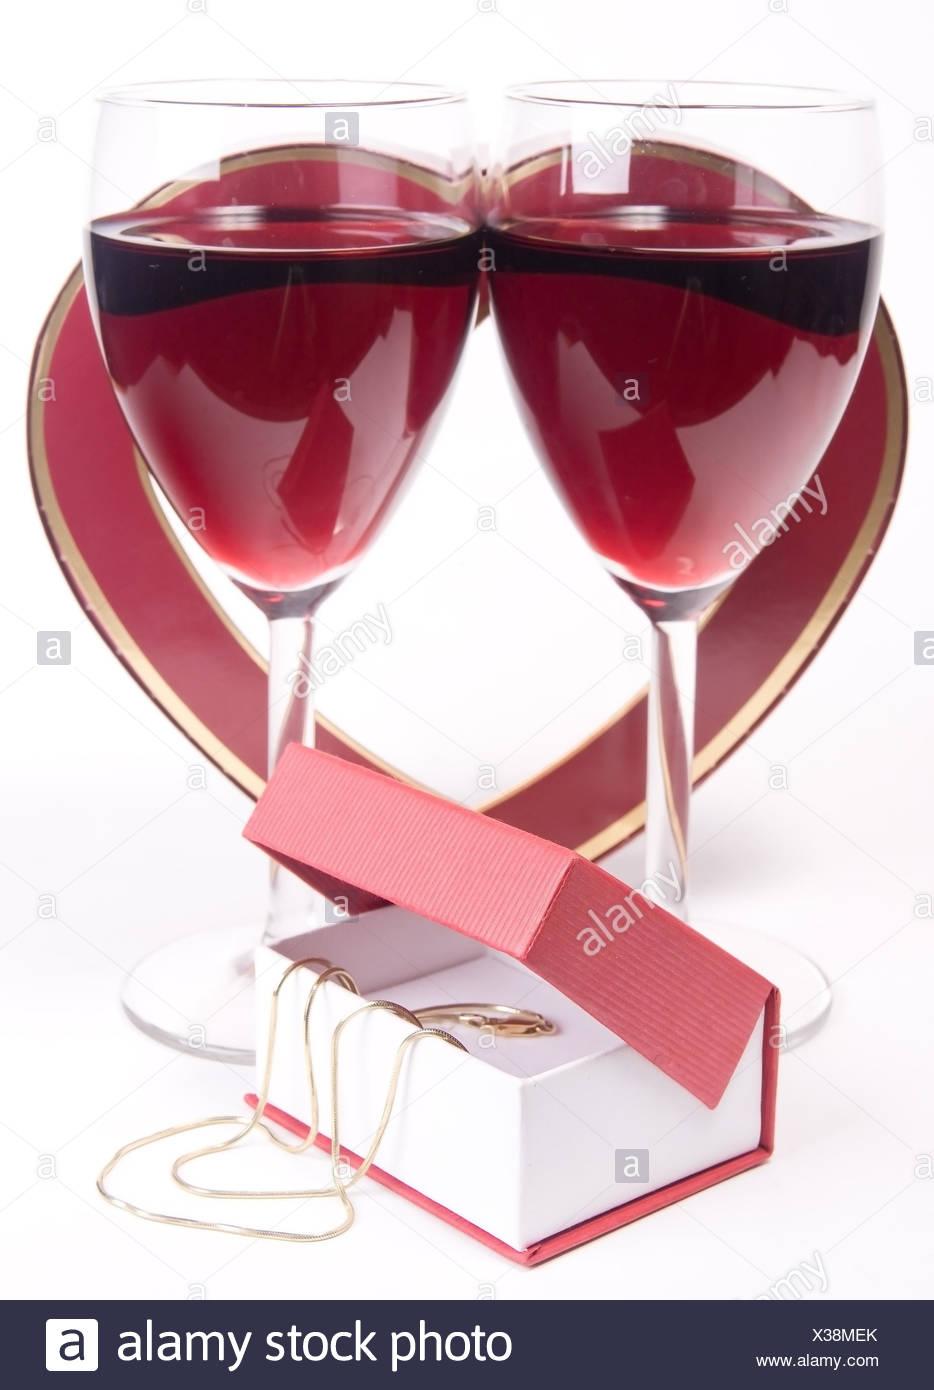 Isolierte Wein Geschenk Gluckwunsch Valentinstag Geburtstag Glas